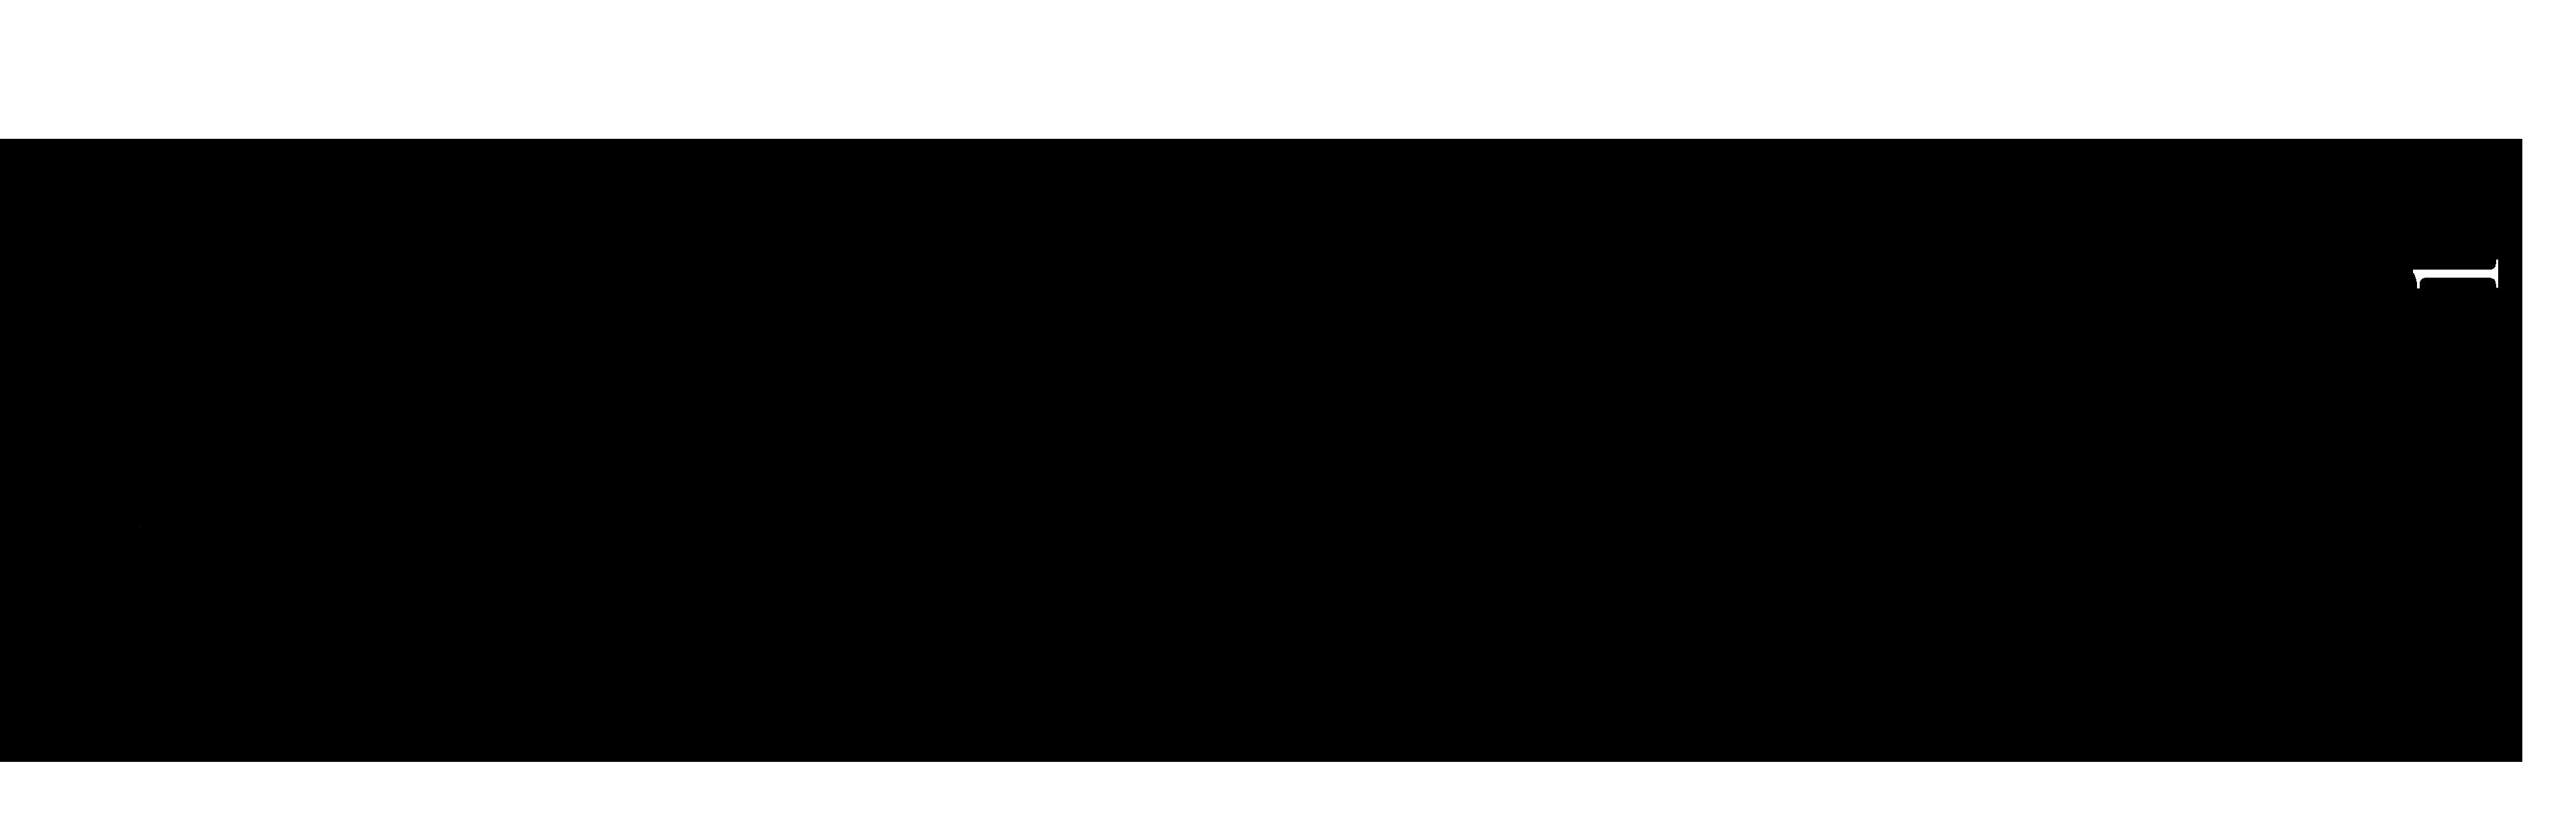 Best-50-logo-Black-Transparent.png